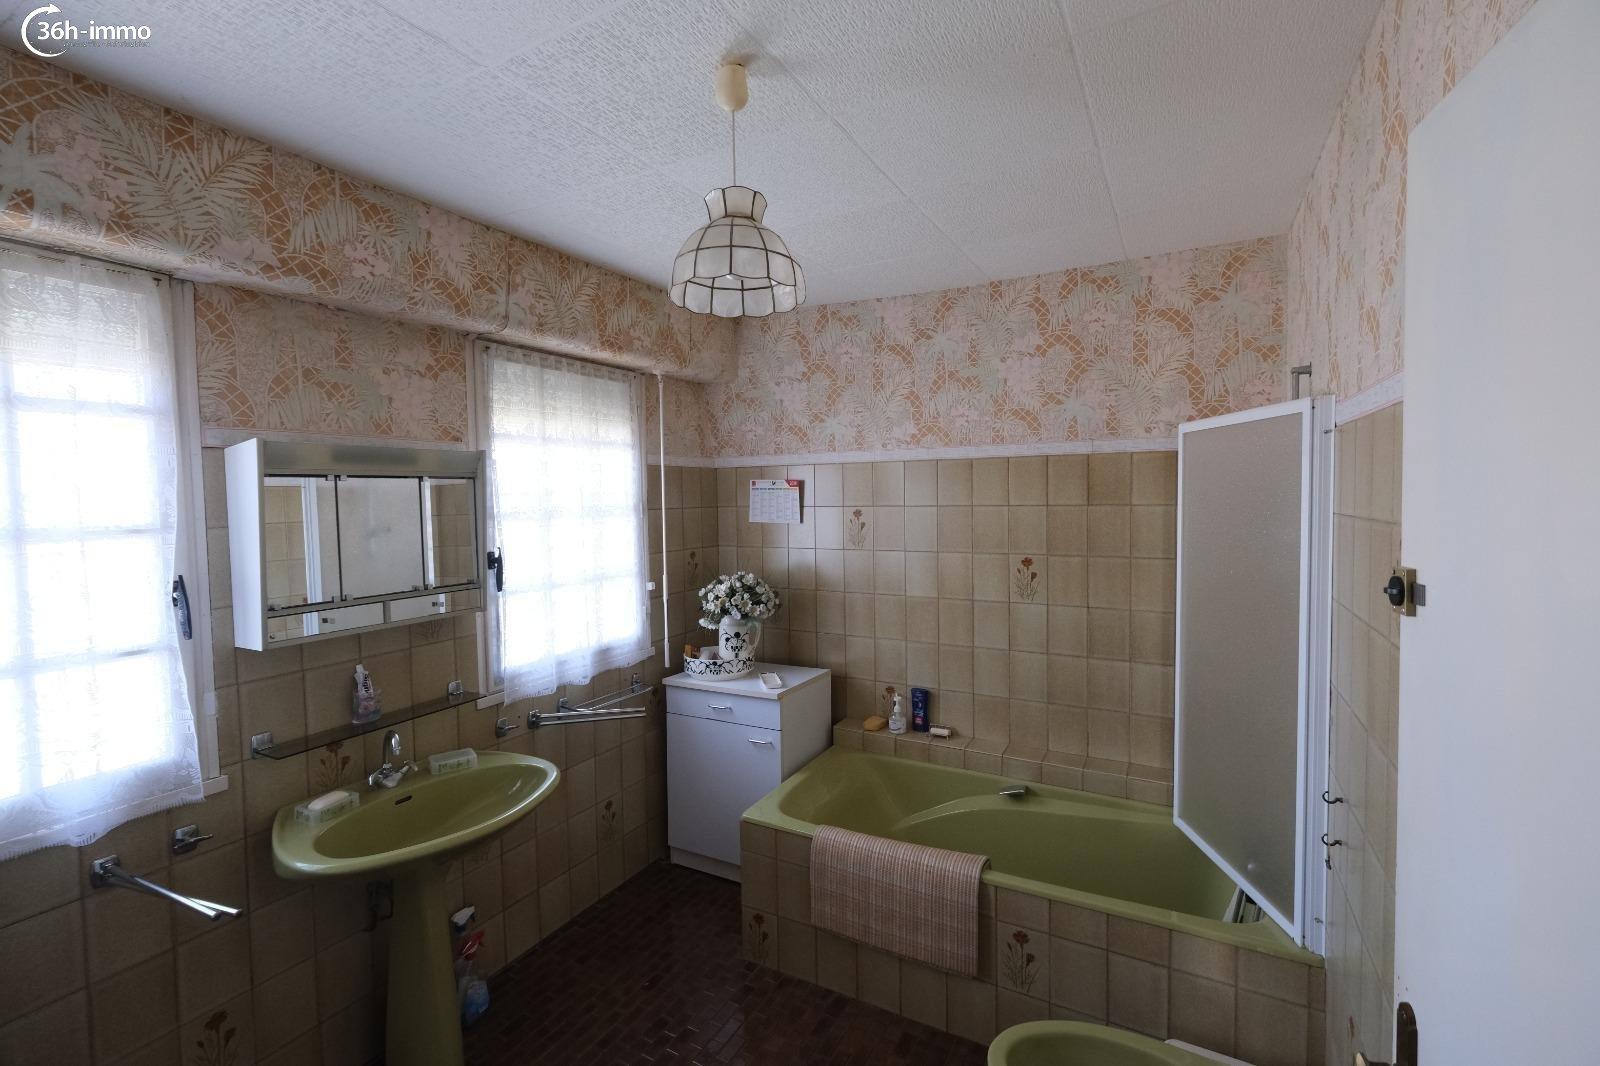 Maison Saint-Malo 35400 Ille-et-Vilaine 130 m<sup>2</sup> 5 pièces 490000 euros